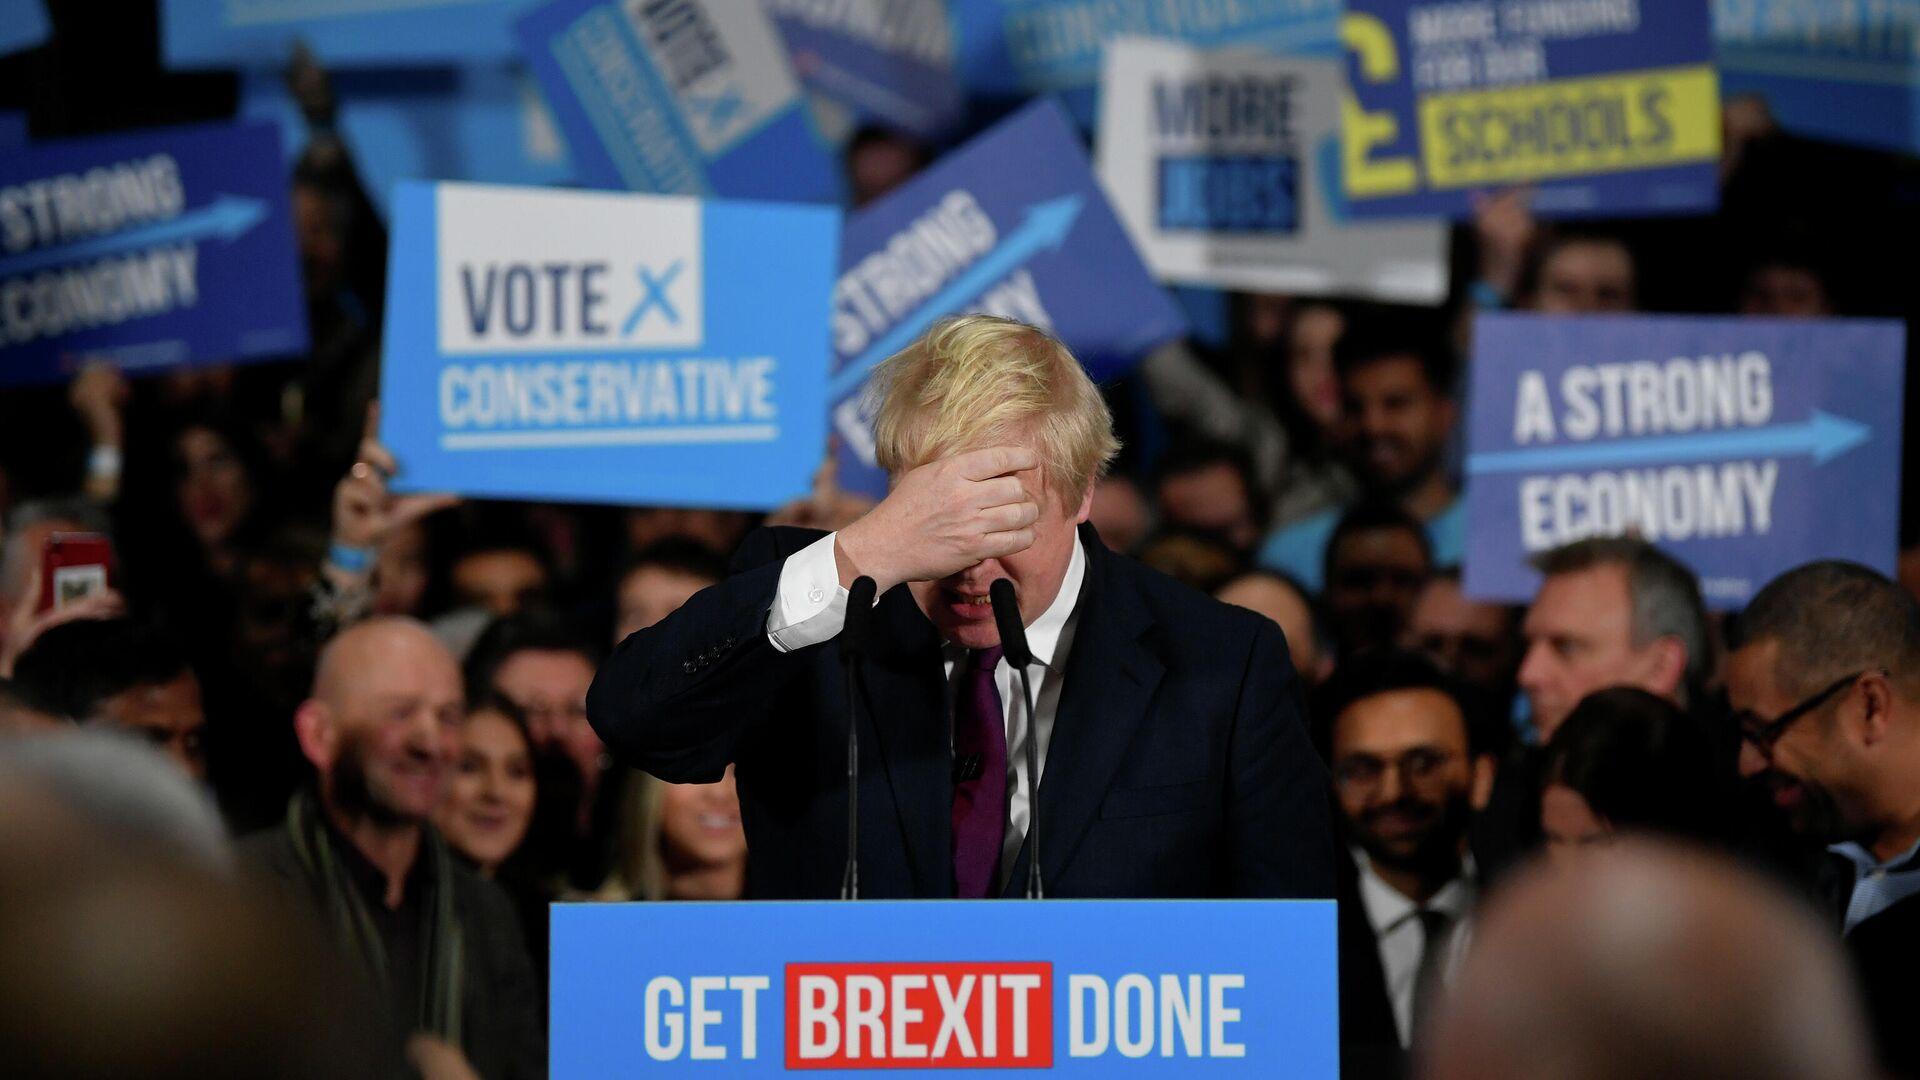 Премьер-министр Великобритании Борис Джонсон во время предвыборной кампании в Манчестере. 10 декабря 2019  - РИА Новости, 1920, 13.12.2019